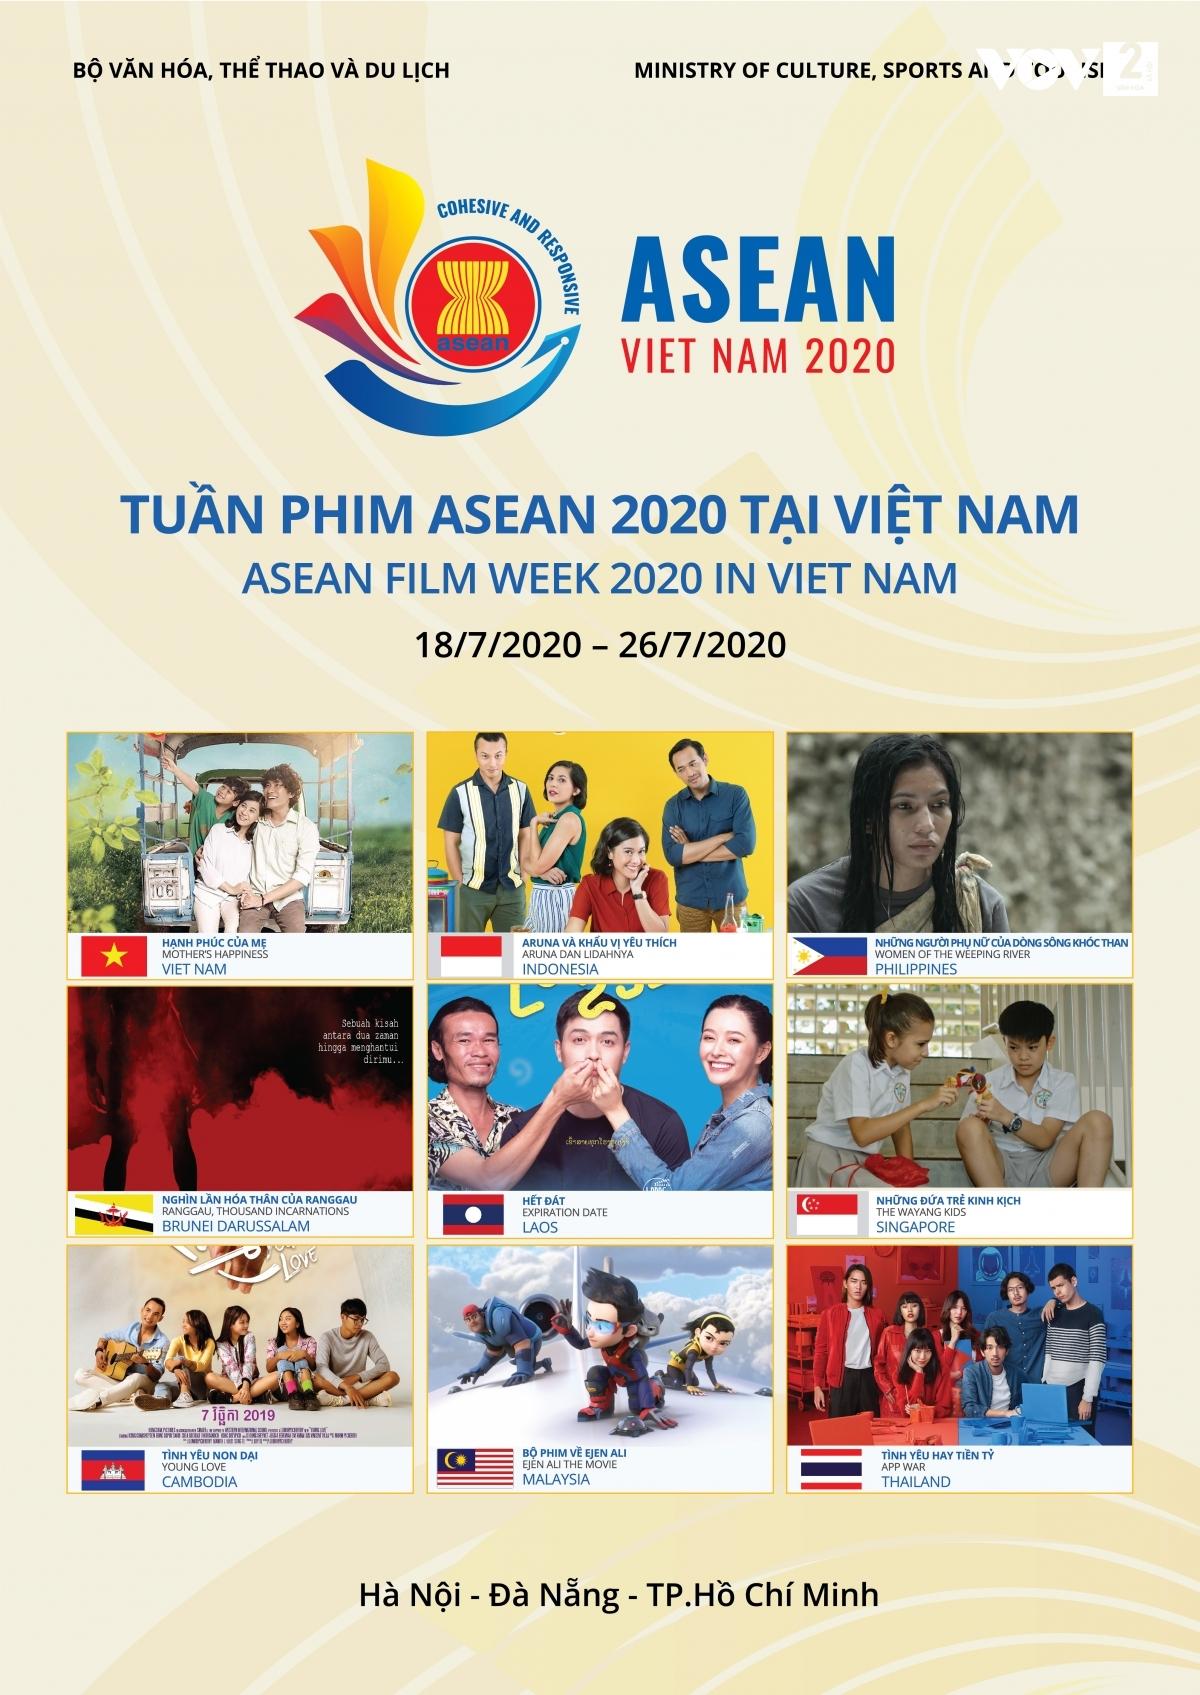 Tuần phim ASEAN là cơ hội để các quốc gia giới thiệu các bộ phim điện ảnh đặc sắc, giúp các nền văn hóa khác nhau trong khu vực hòa hợp.